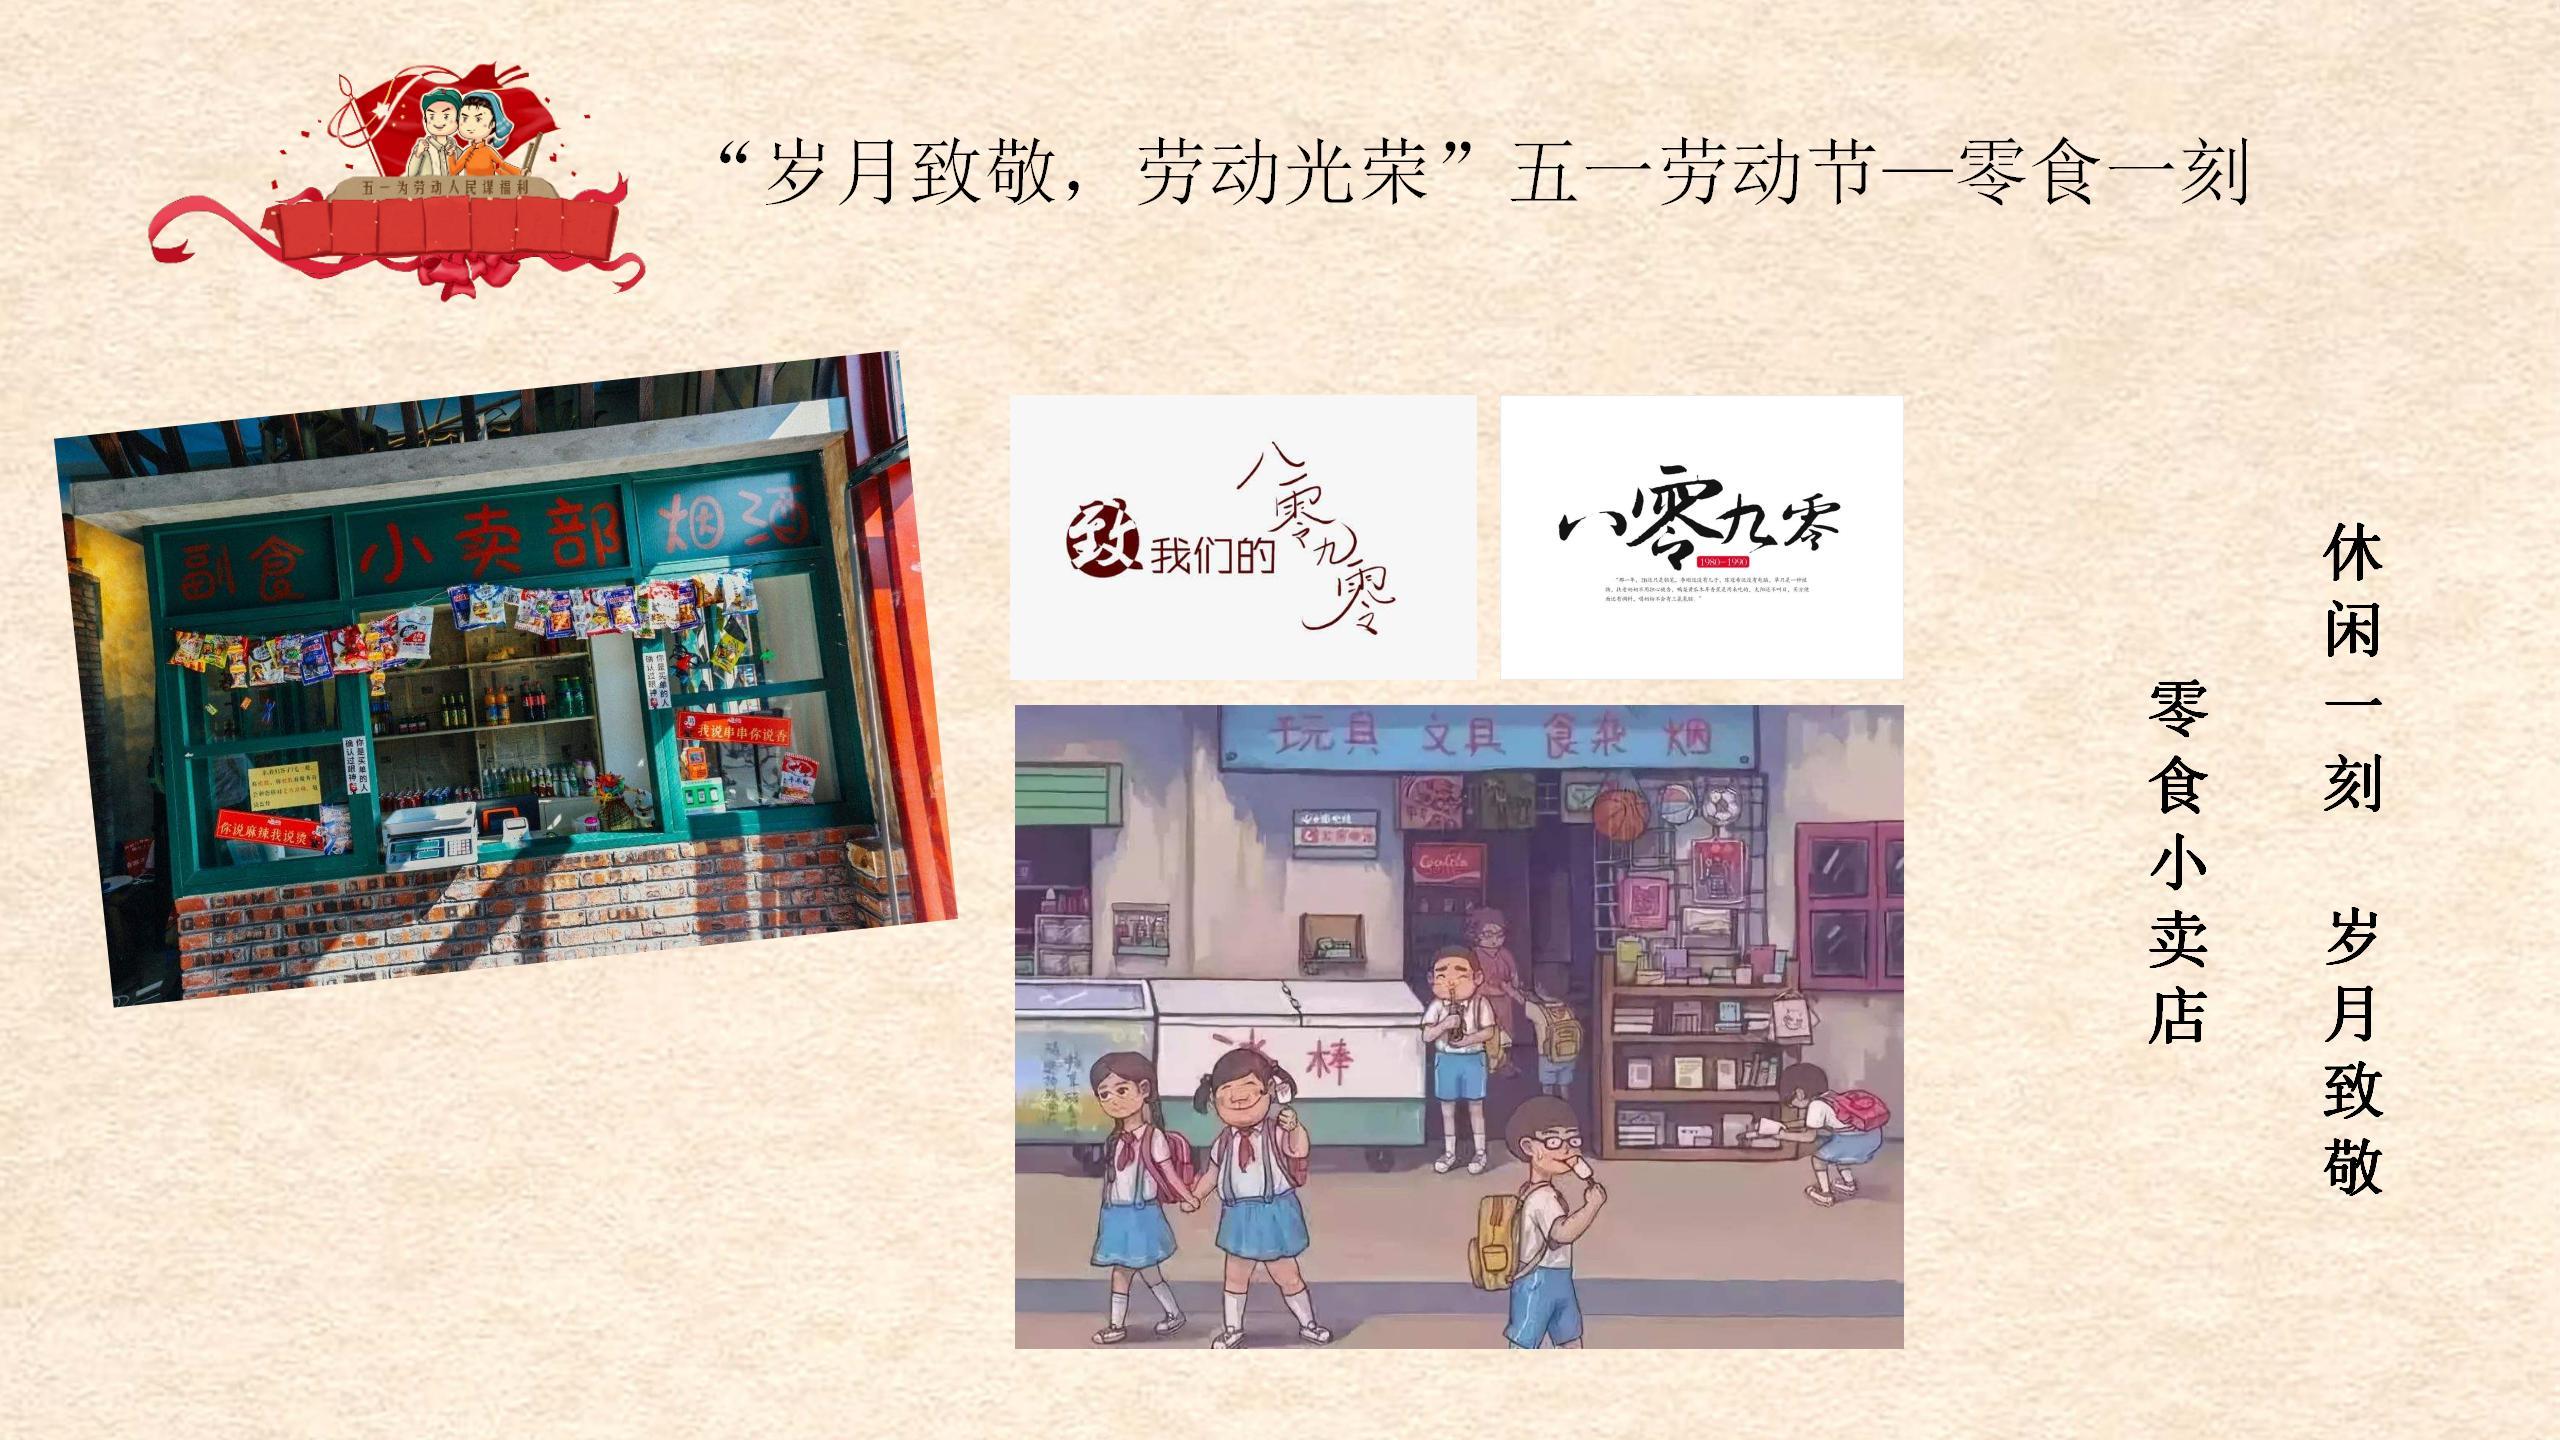 """020商业广场""""岁月致敬劳动光荣"""",五一劳动节活动策划方案"""""""